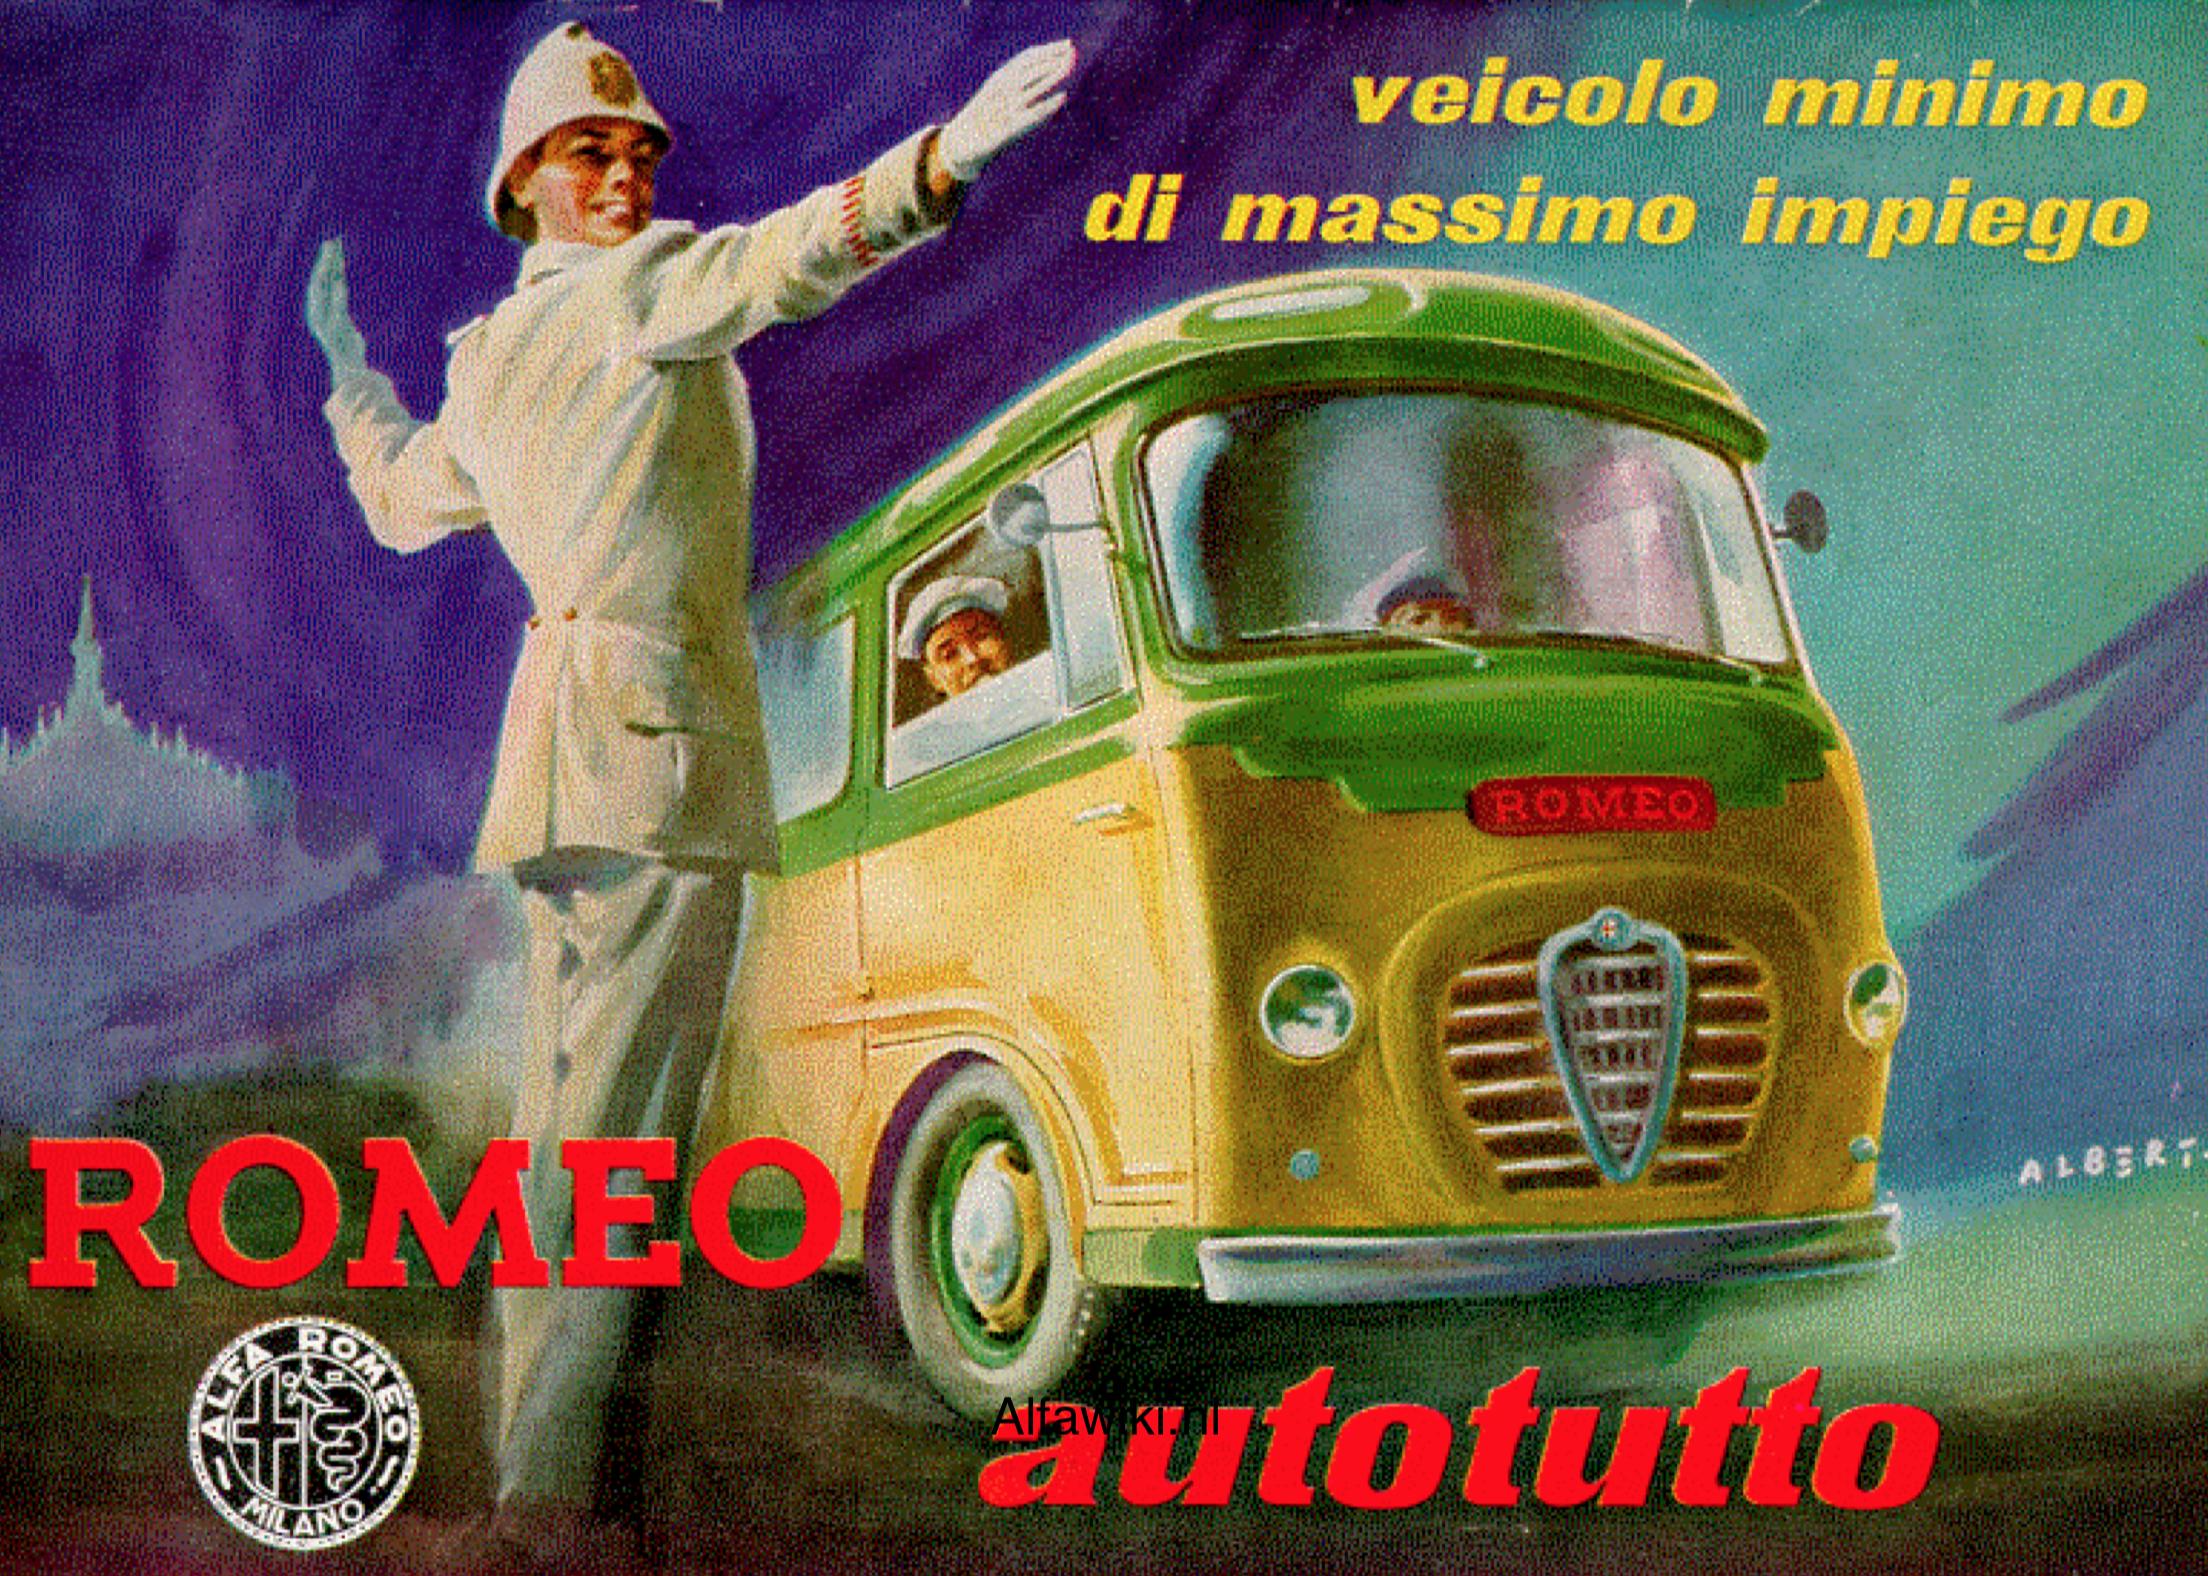 Alfa Romeo Autotutto brochure